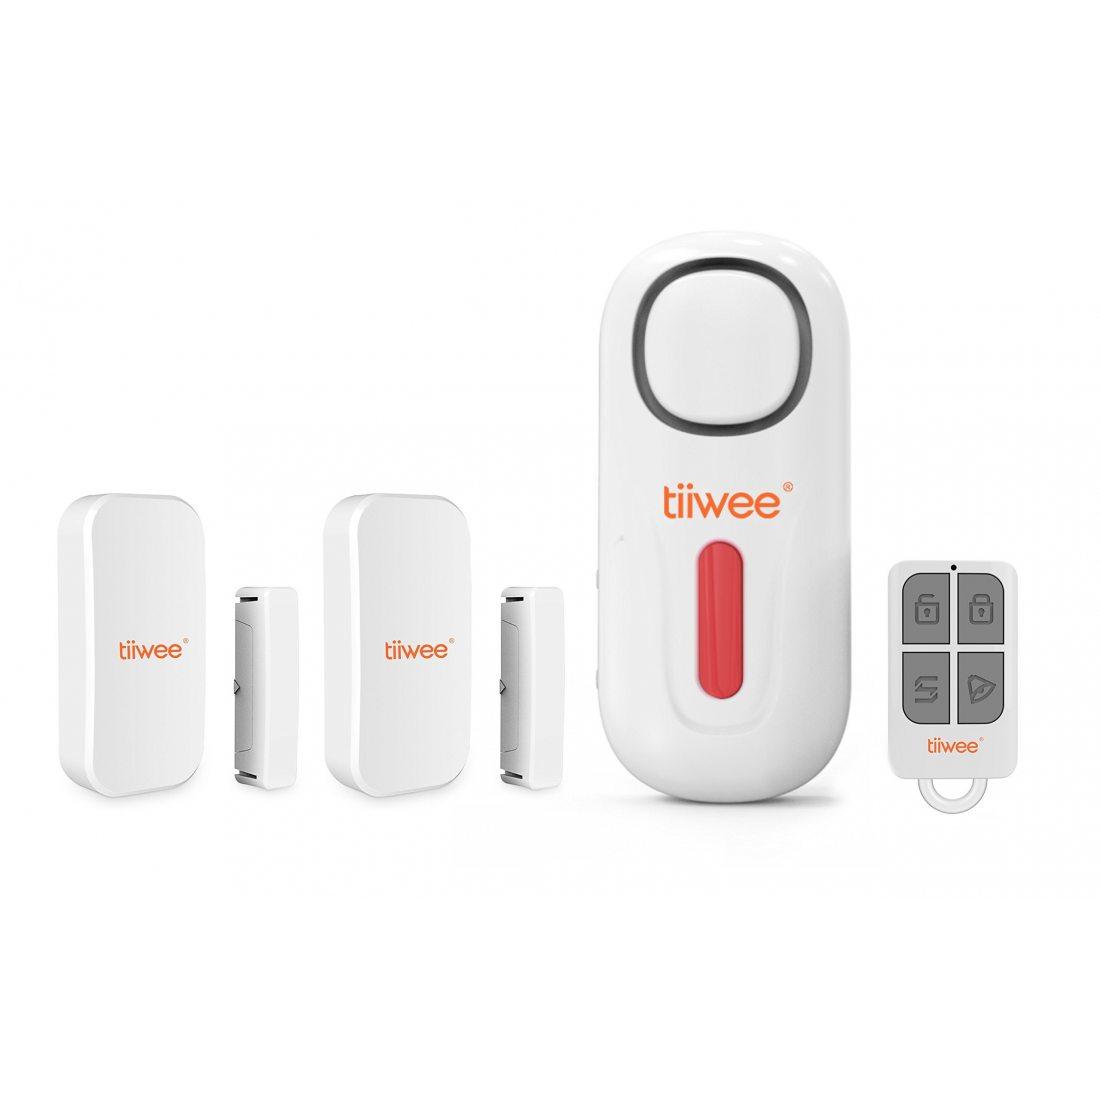 tiiwee kit de d marrage alarme de maison syst me d 39 alarme anti intrusion sans fil avec sir ne. Black Bedroom Furniture Sets. Home Design Ideas